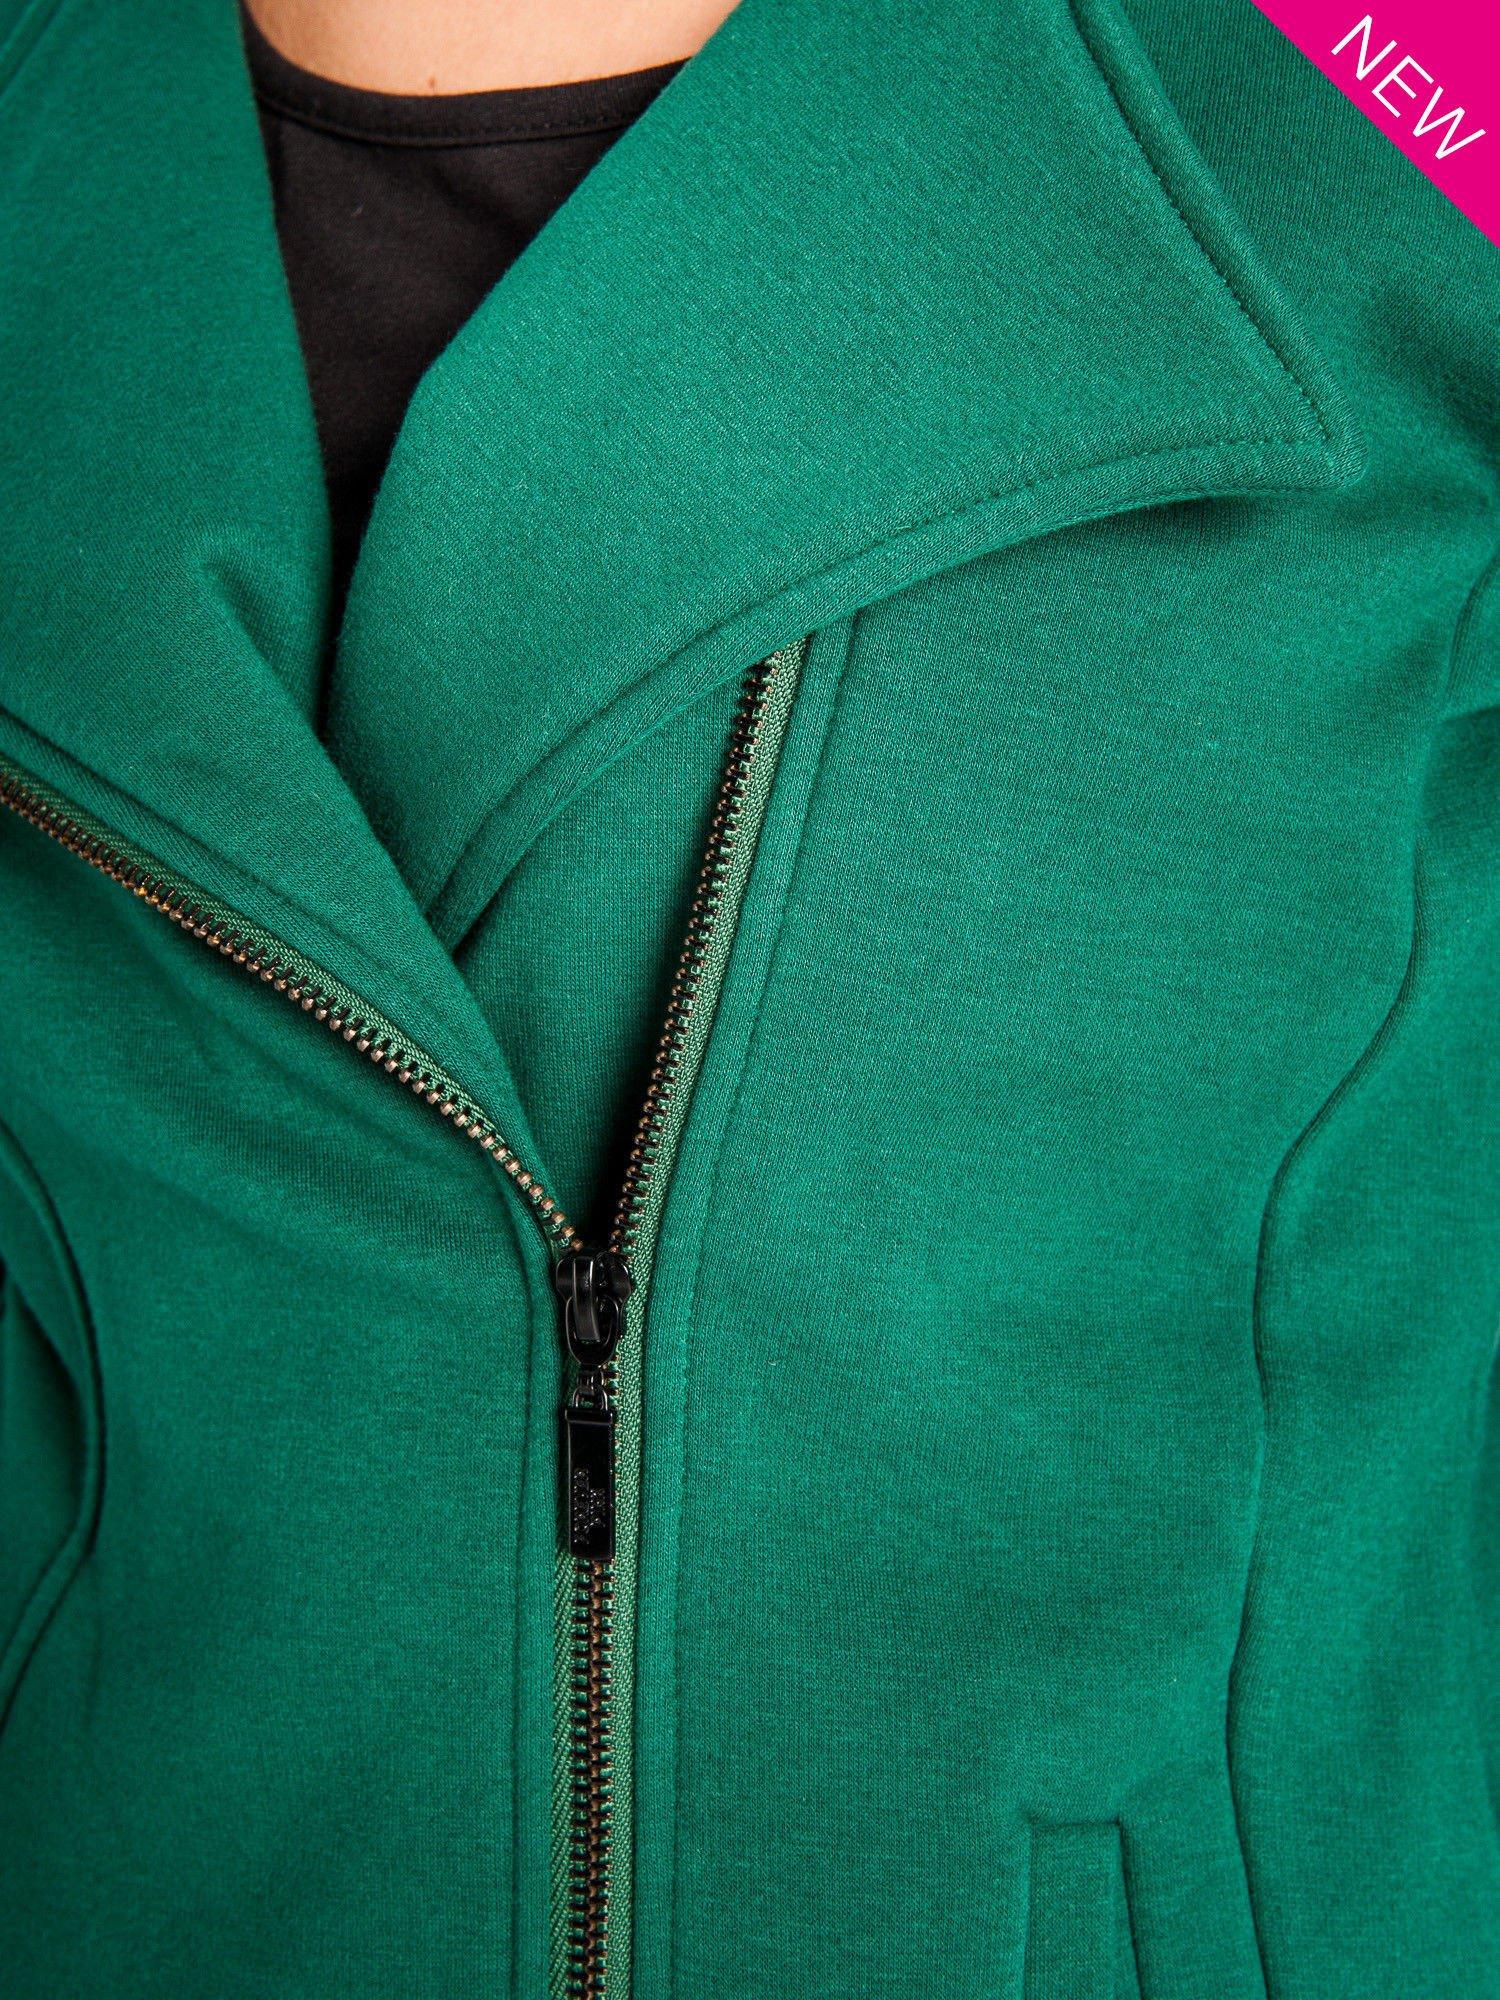 Zielona bluza o kroju ramoneski z asymetrycznym suwakiem                                  zdj.                                  2